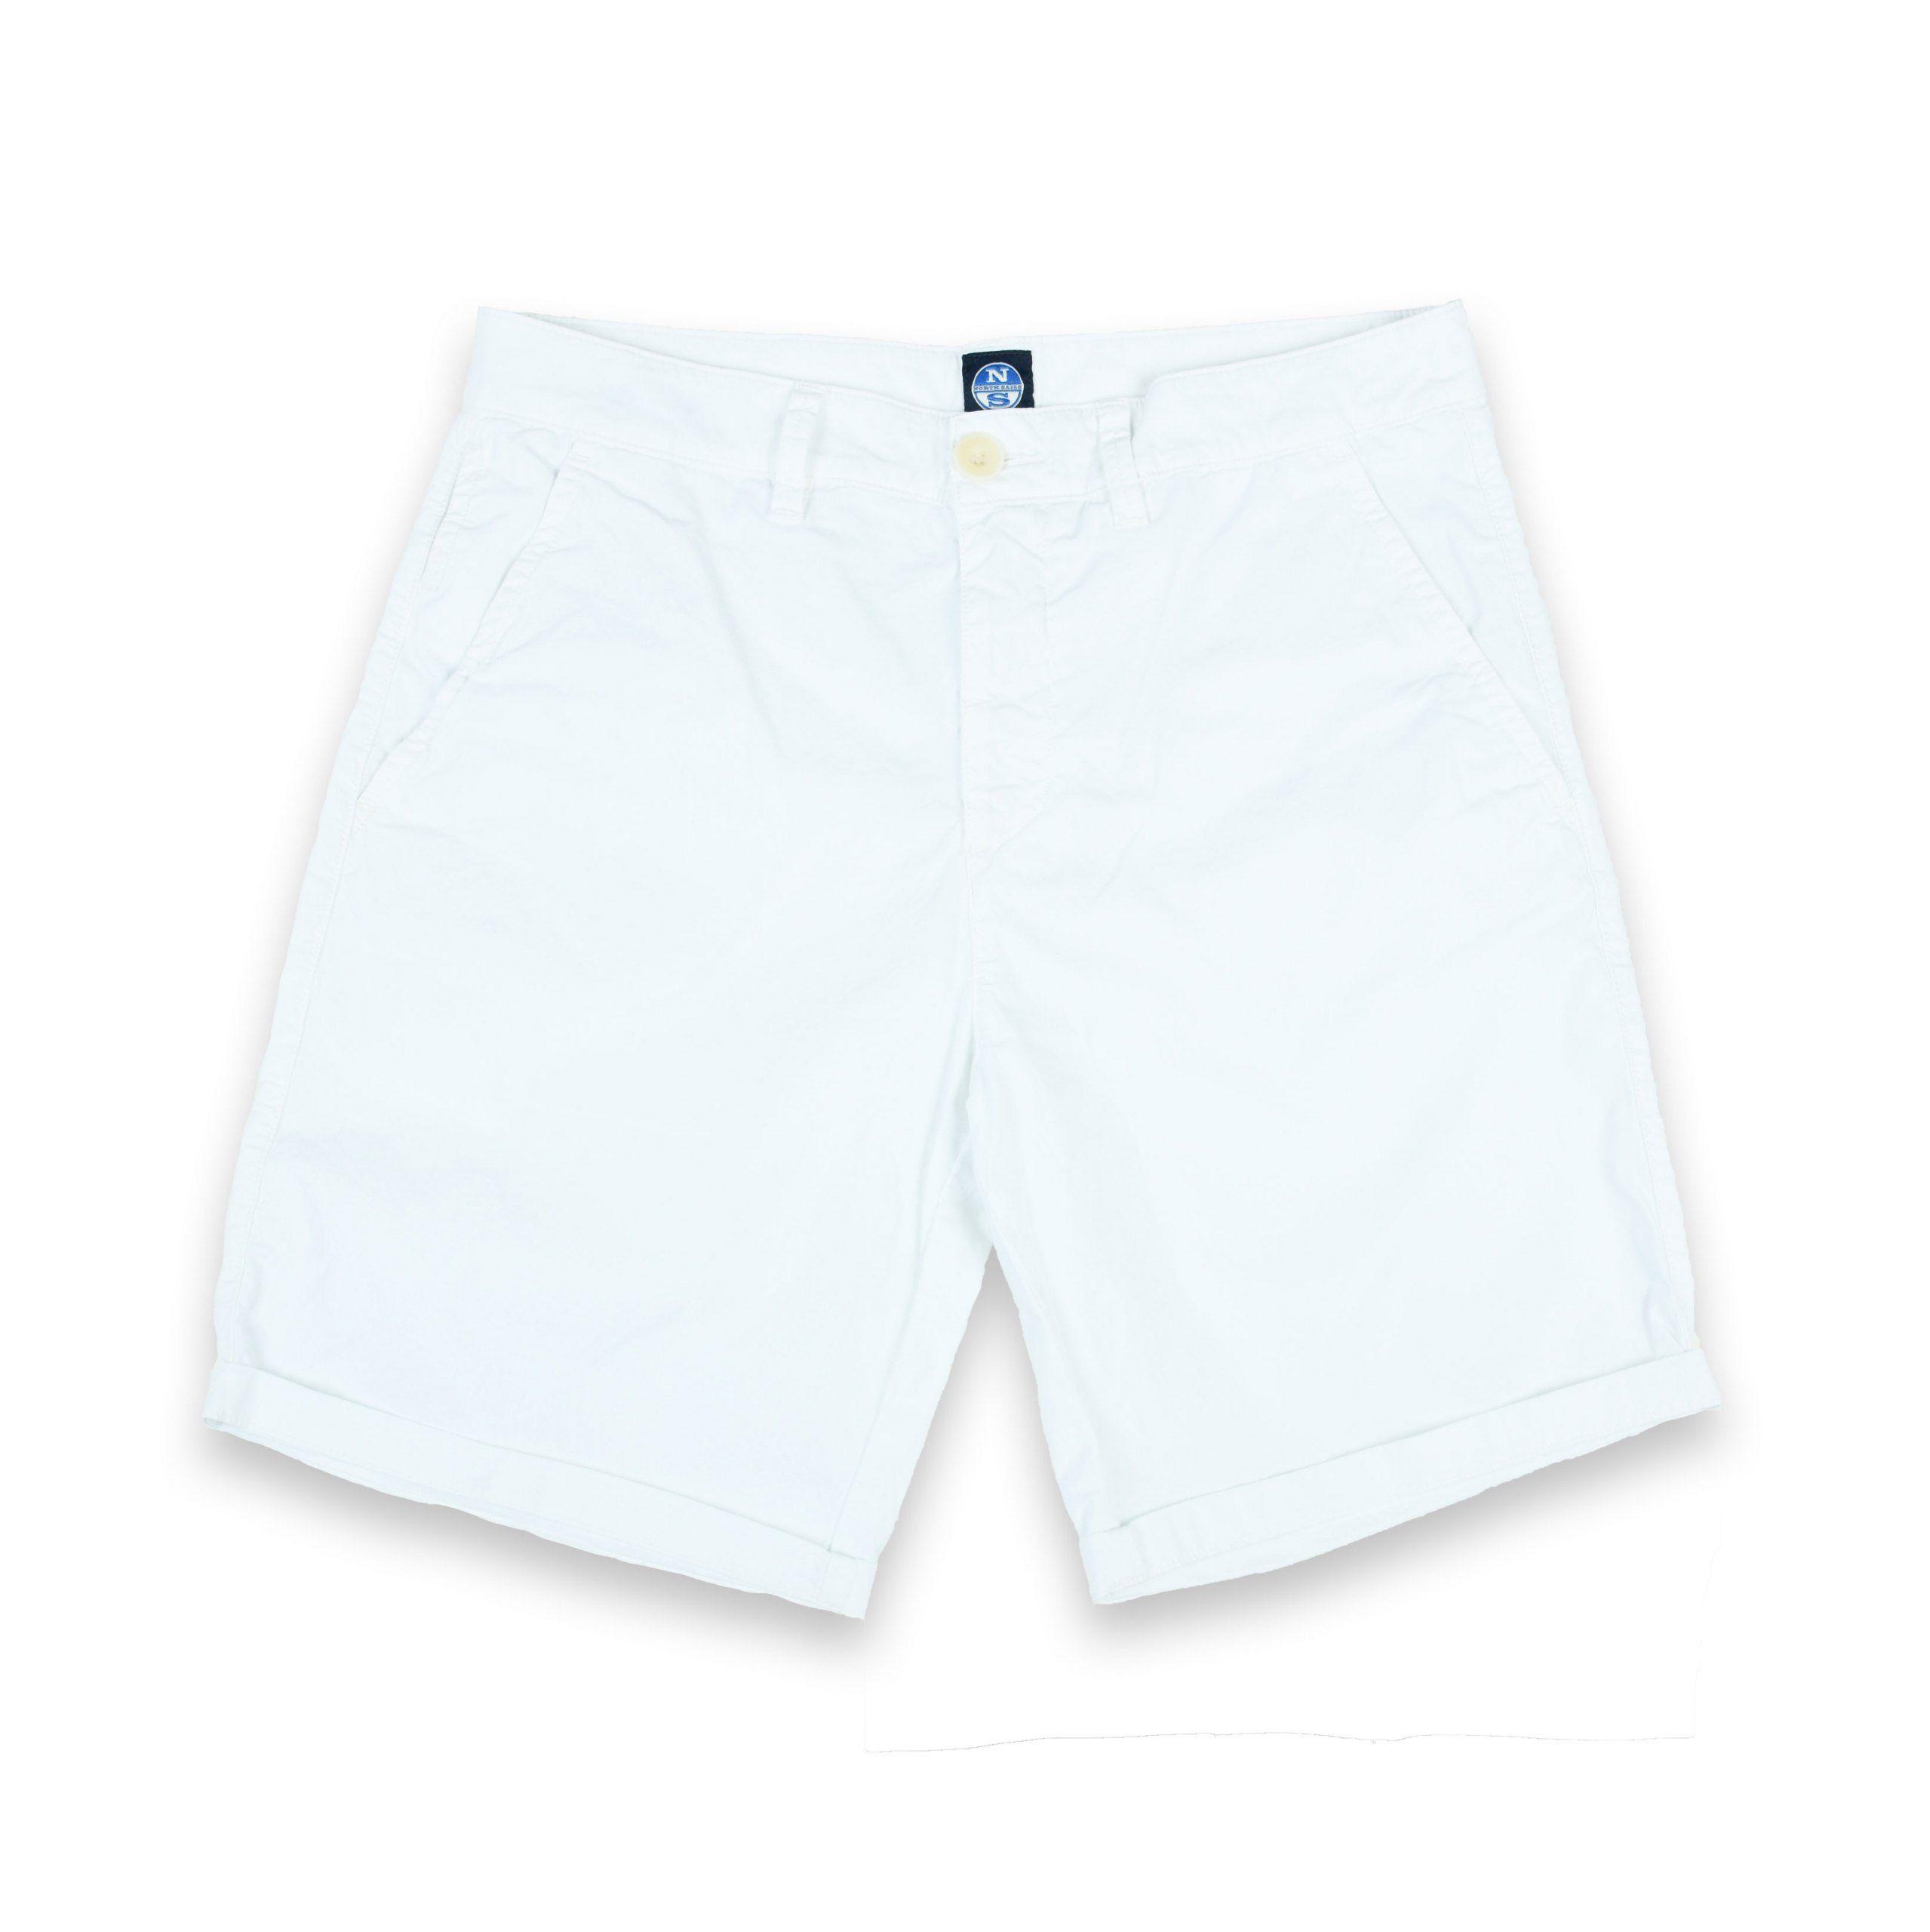 Poloshow North Sails Short White 6727900000101310 1